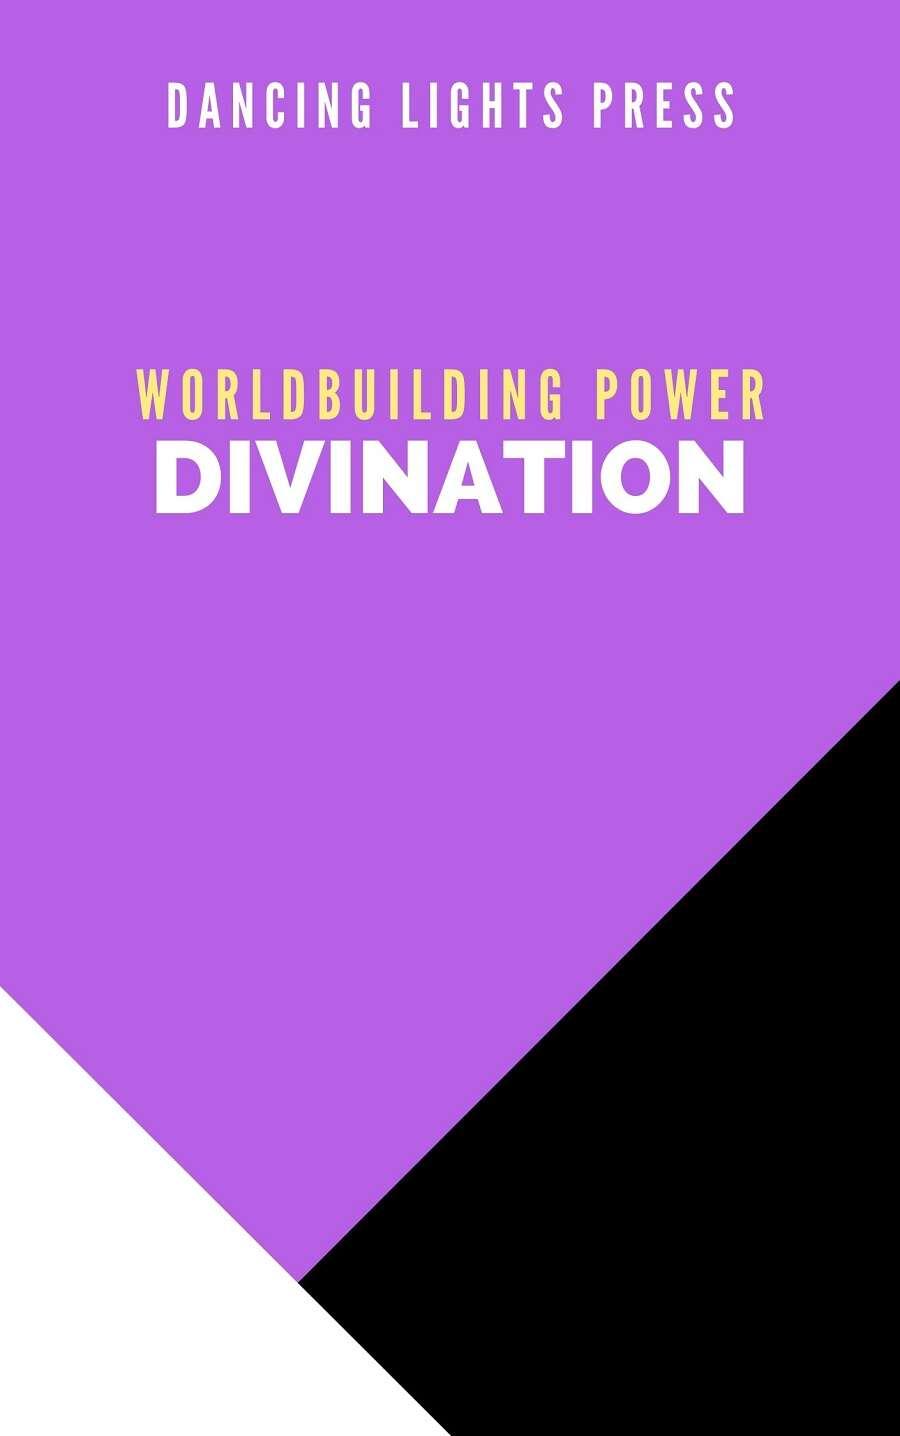 Worldbuilding Power: Divination